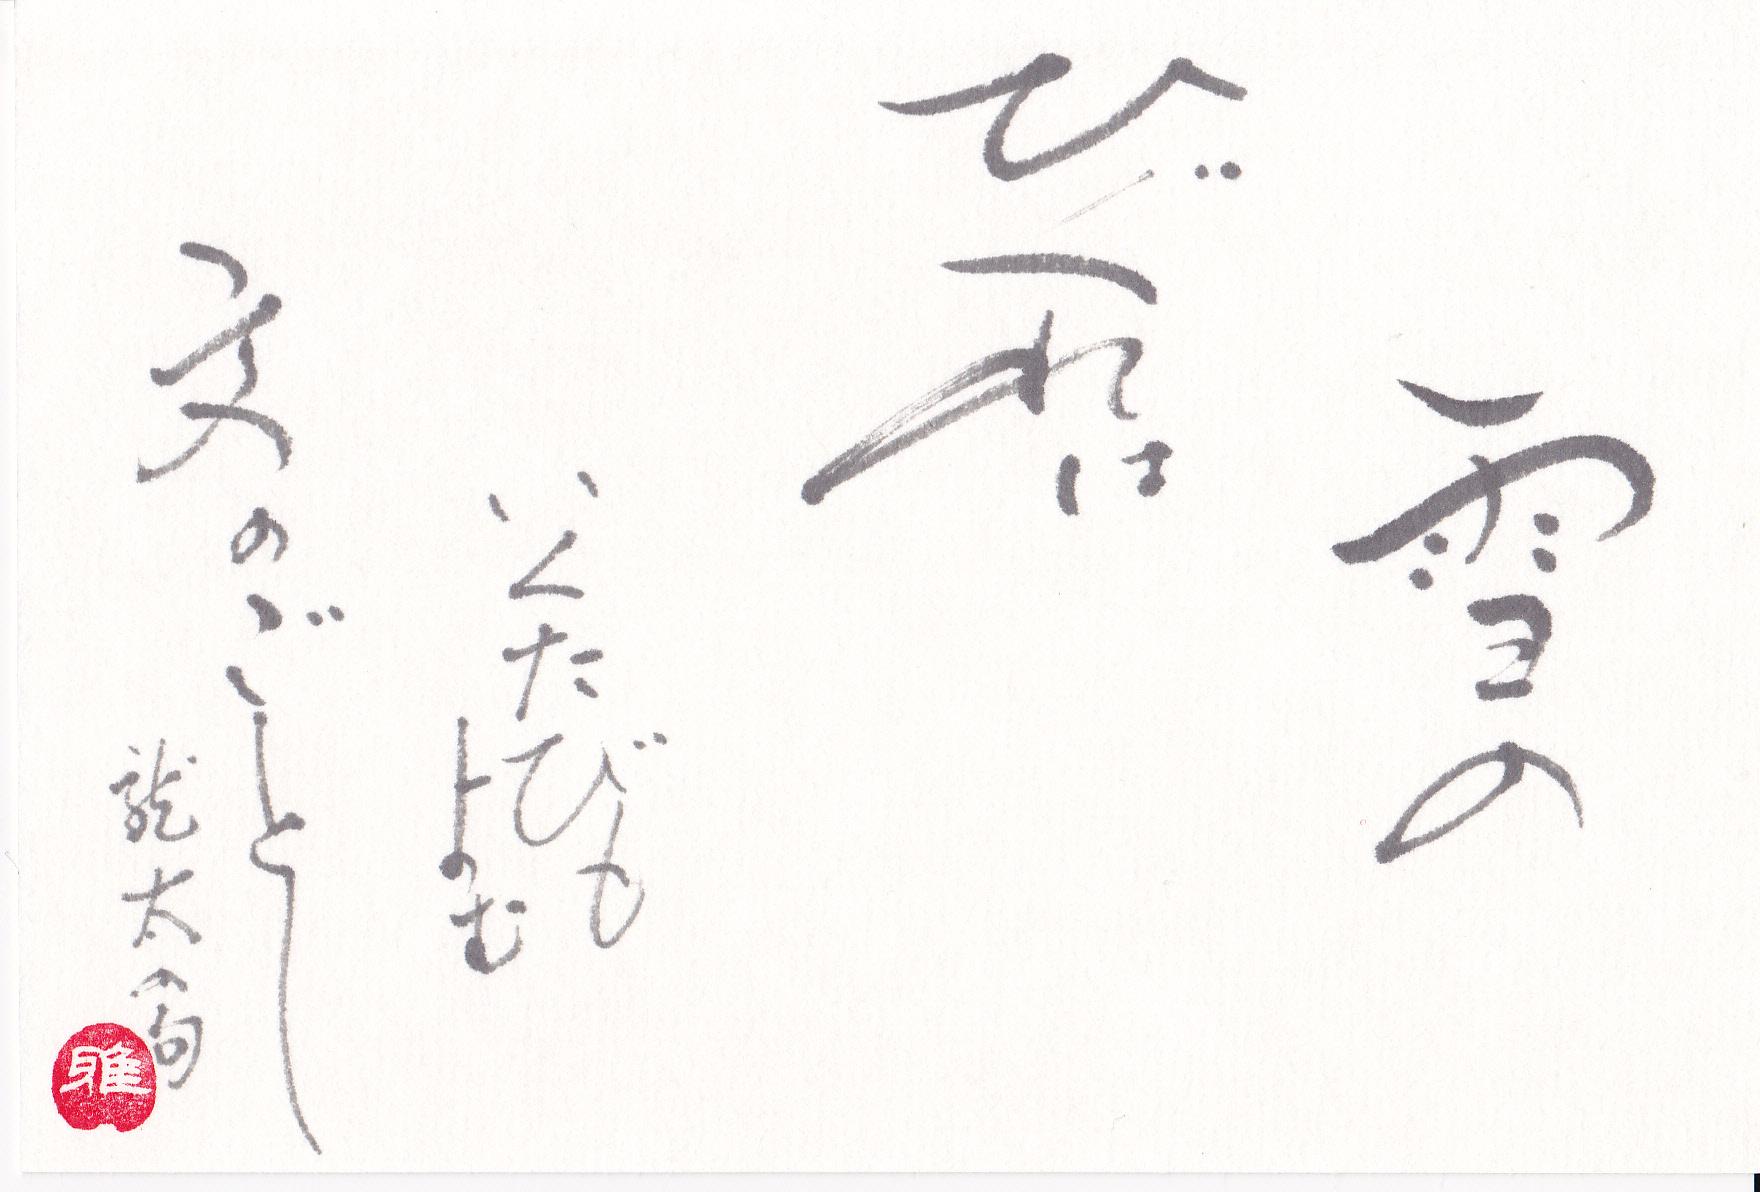 第19回書文通1月「漢字かな交じり」_d0285885_17574061.jpg